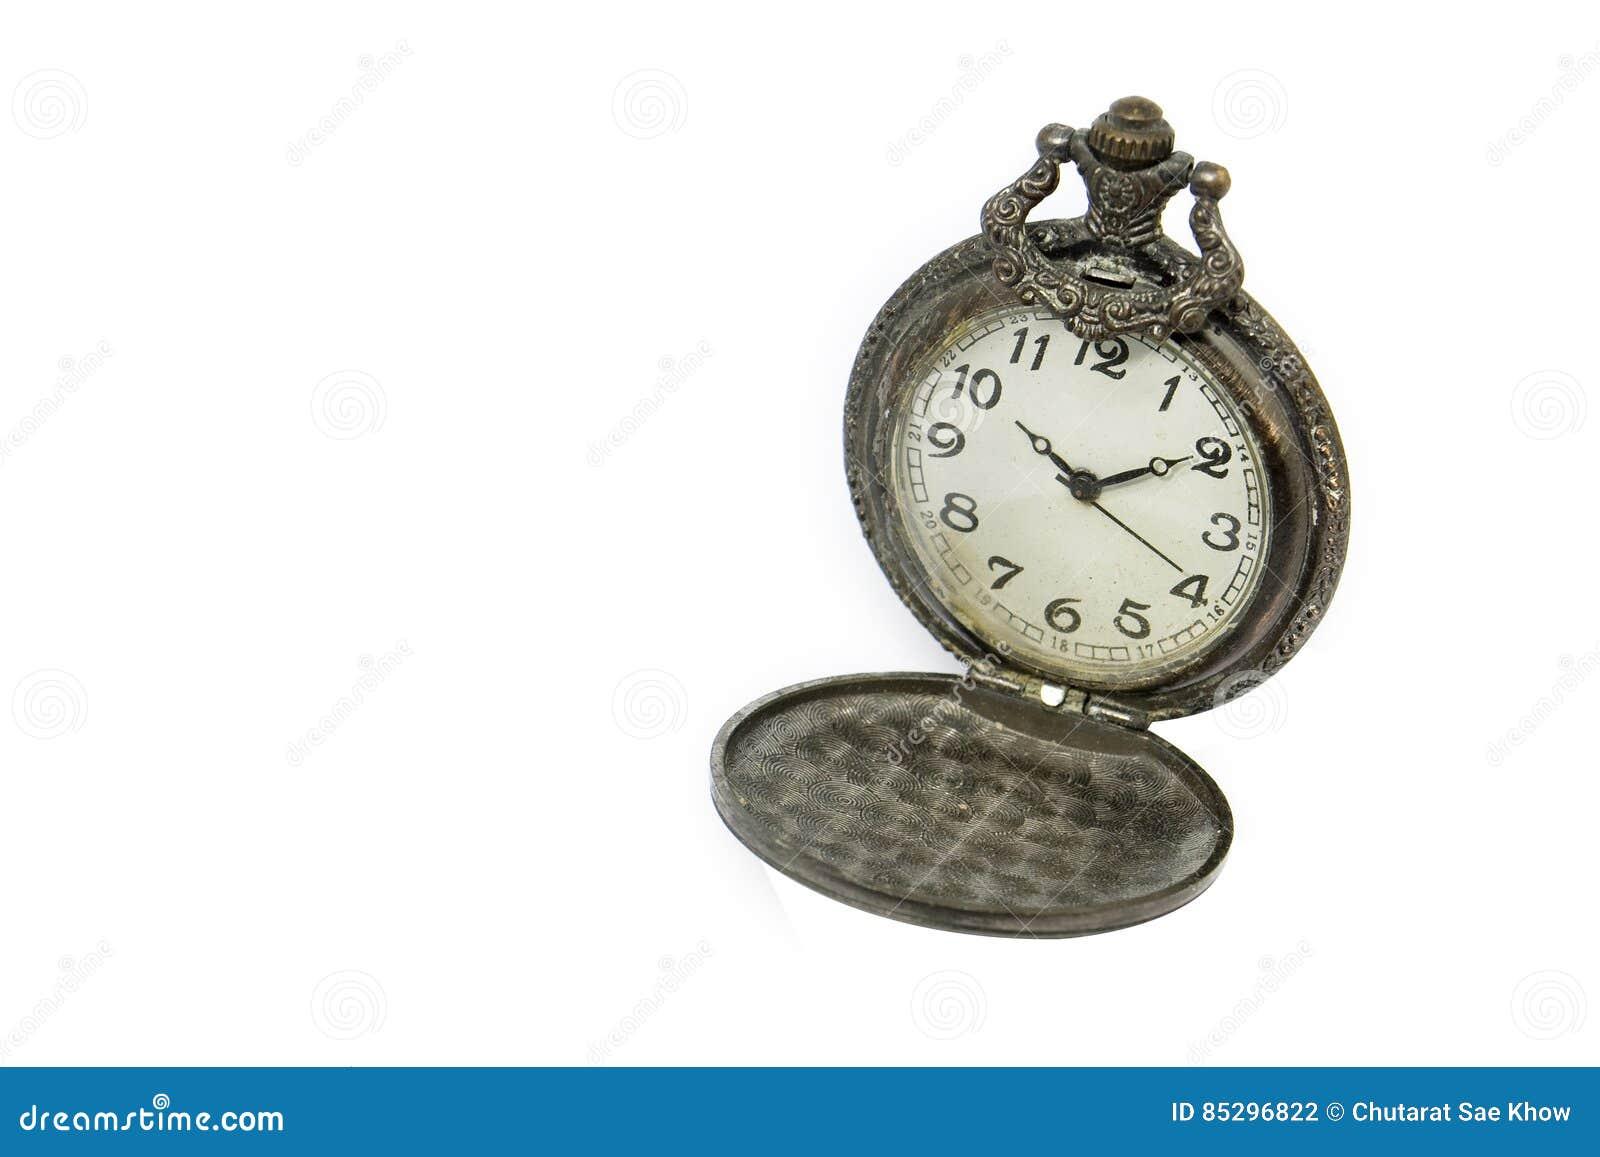 63f6370e6a7 Relógio De Bolso Do Vintage No Fundo Branco Foto de Stock - Imagem ...